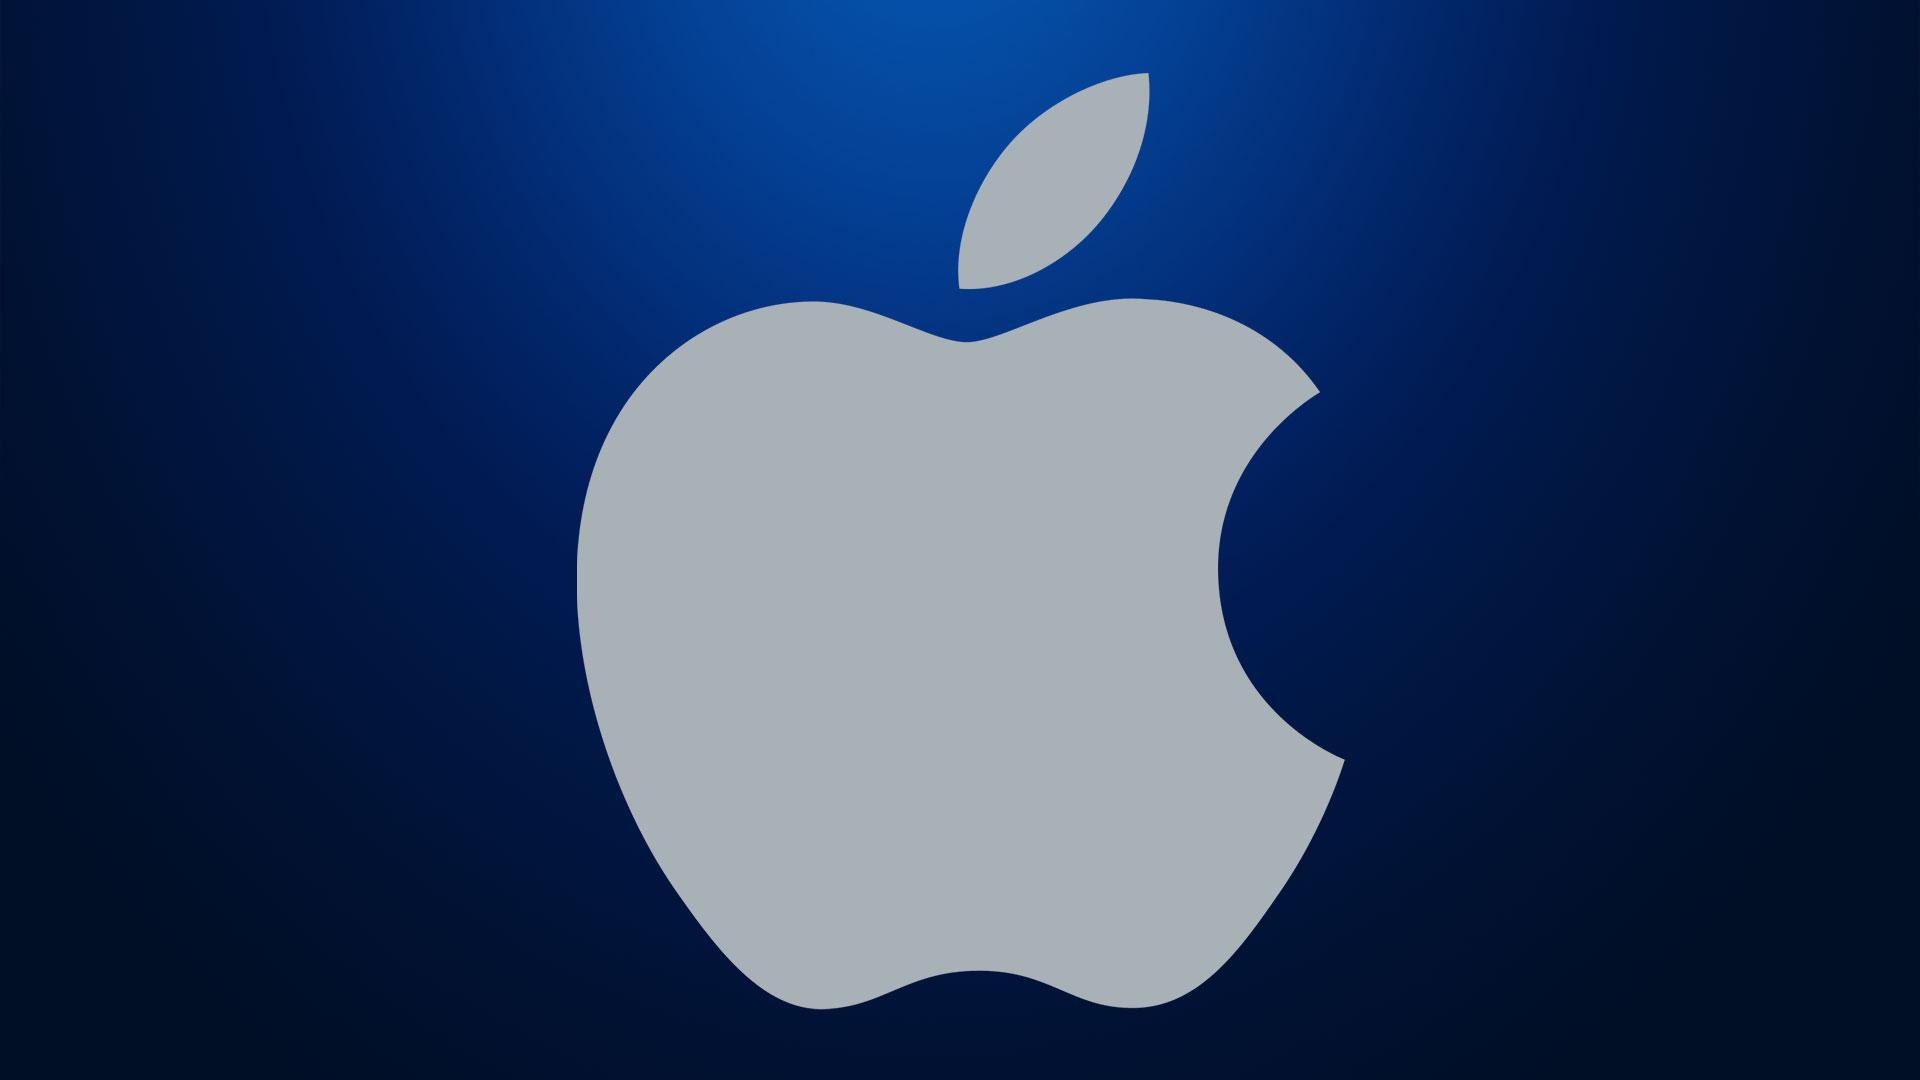 KELO Apple logo